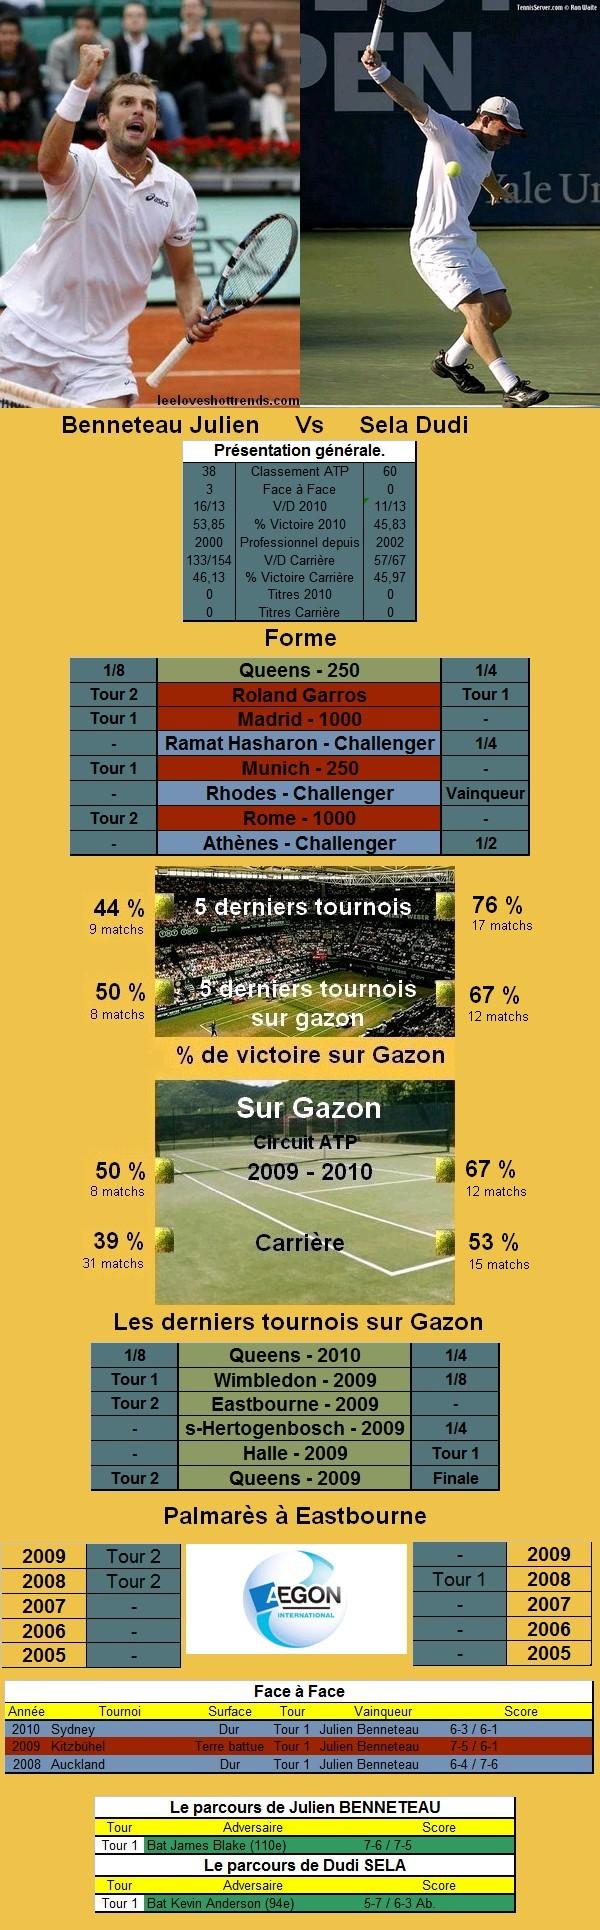 Statistiques tennis de Benneteau contre Sela à Eastbourne